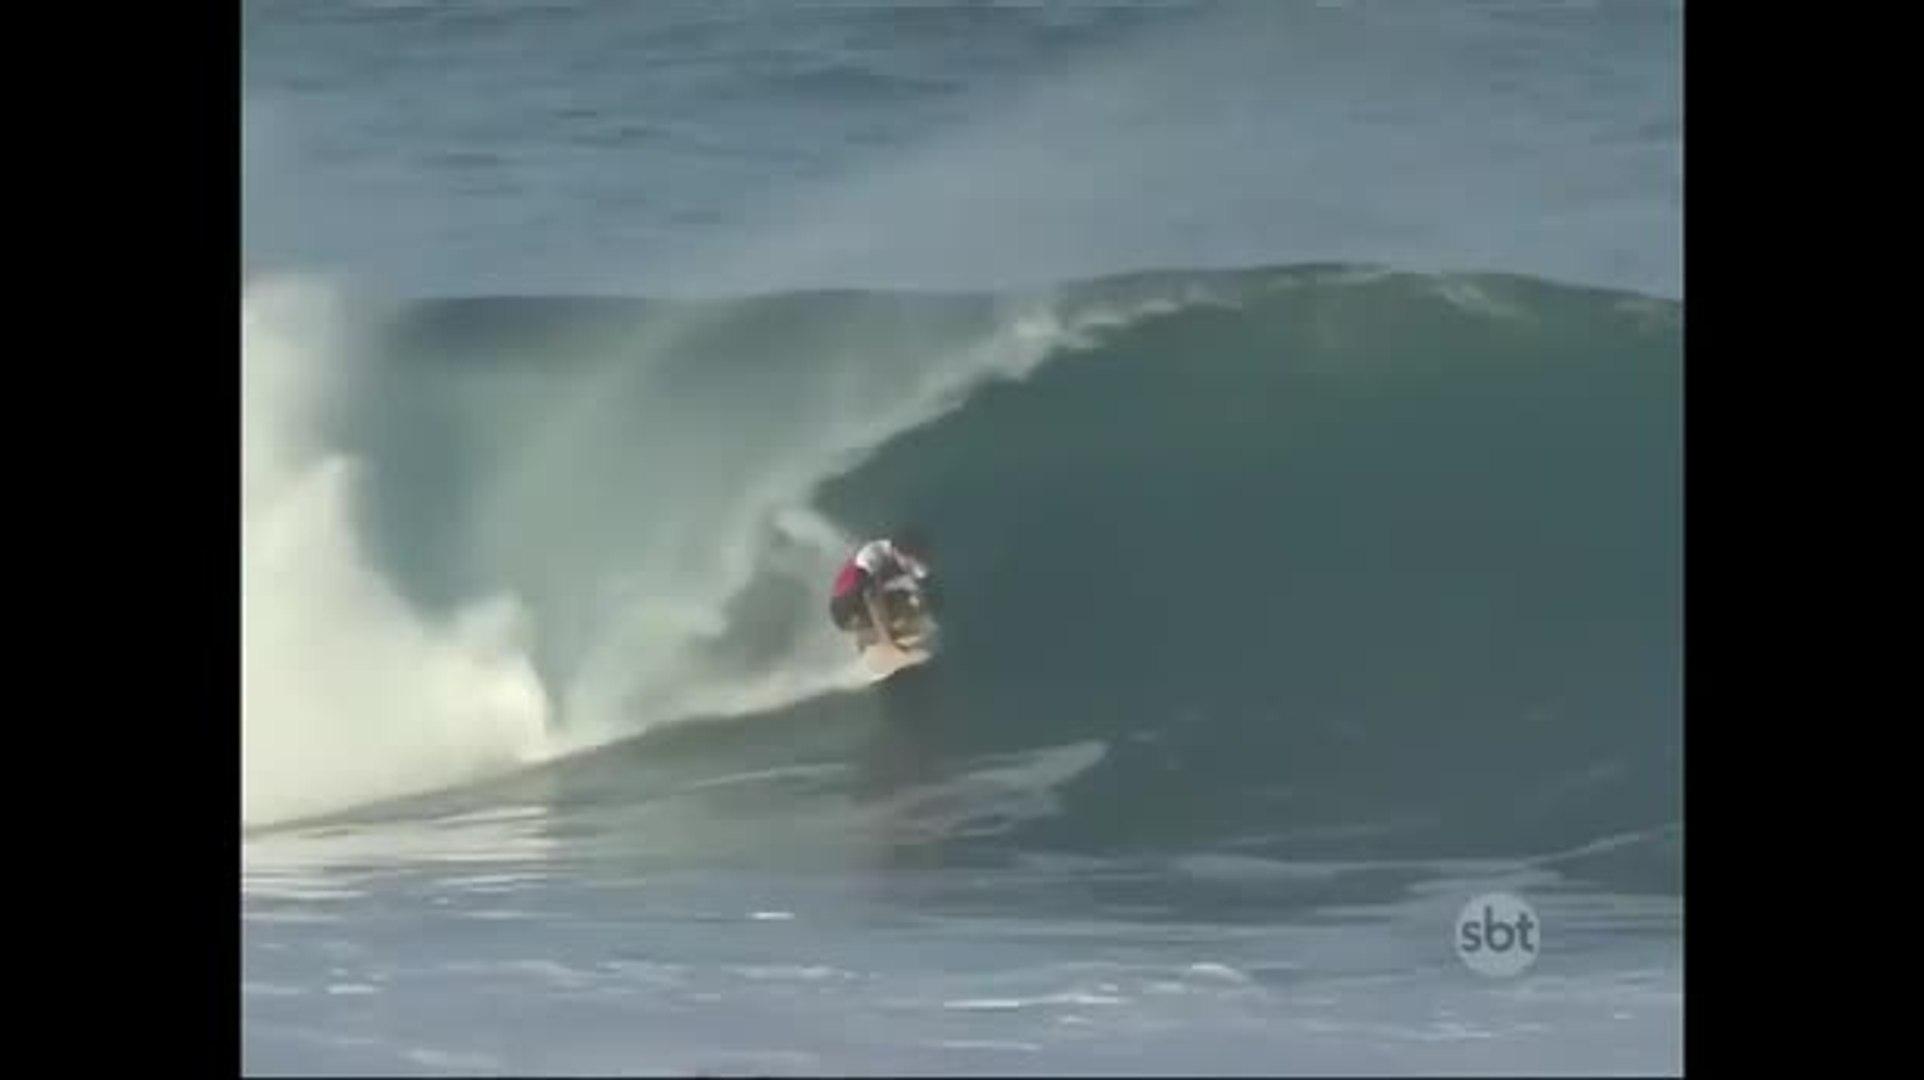 Medina e Adriano de Souza seguem na disputa pelo título mundial de surfe